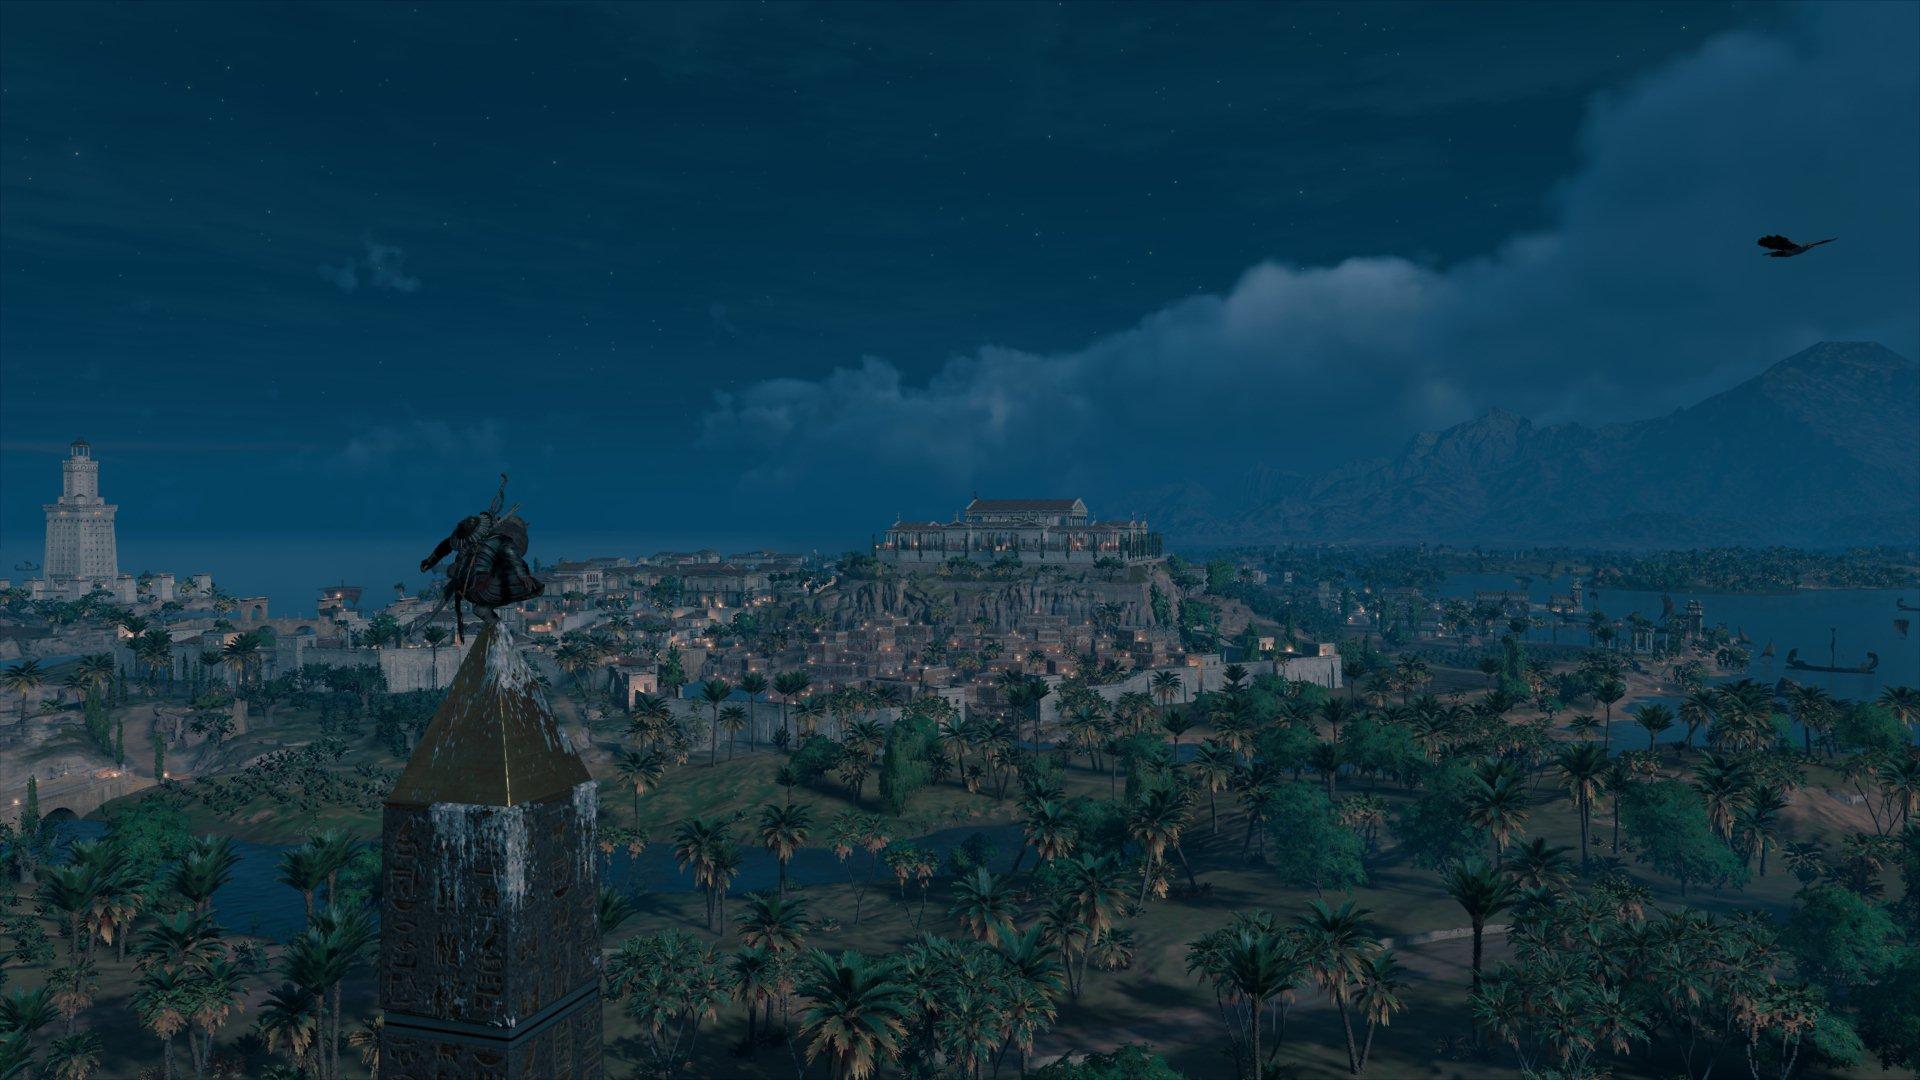 20181017132547.jpg - Assassin's Creed: Origins